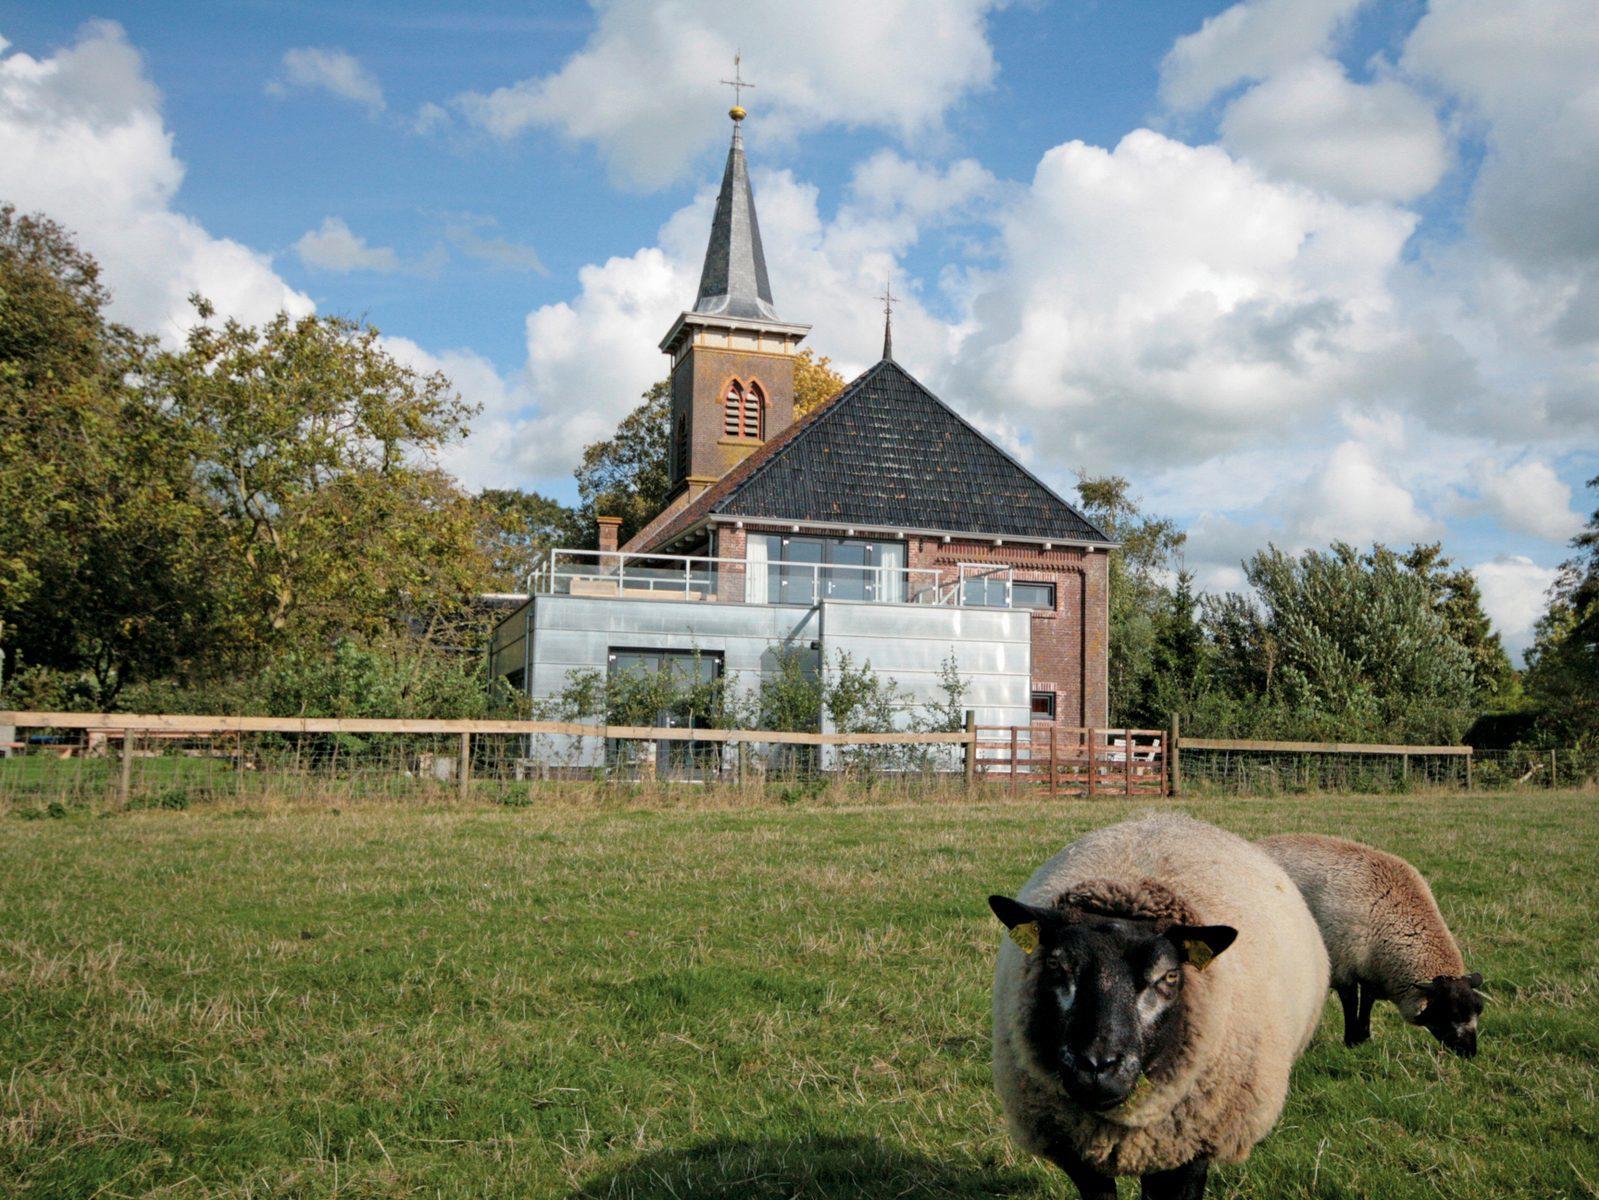 Grutte Tsjerke in Friesland voor bijzondere overnachtingen in Nederland